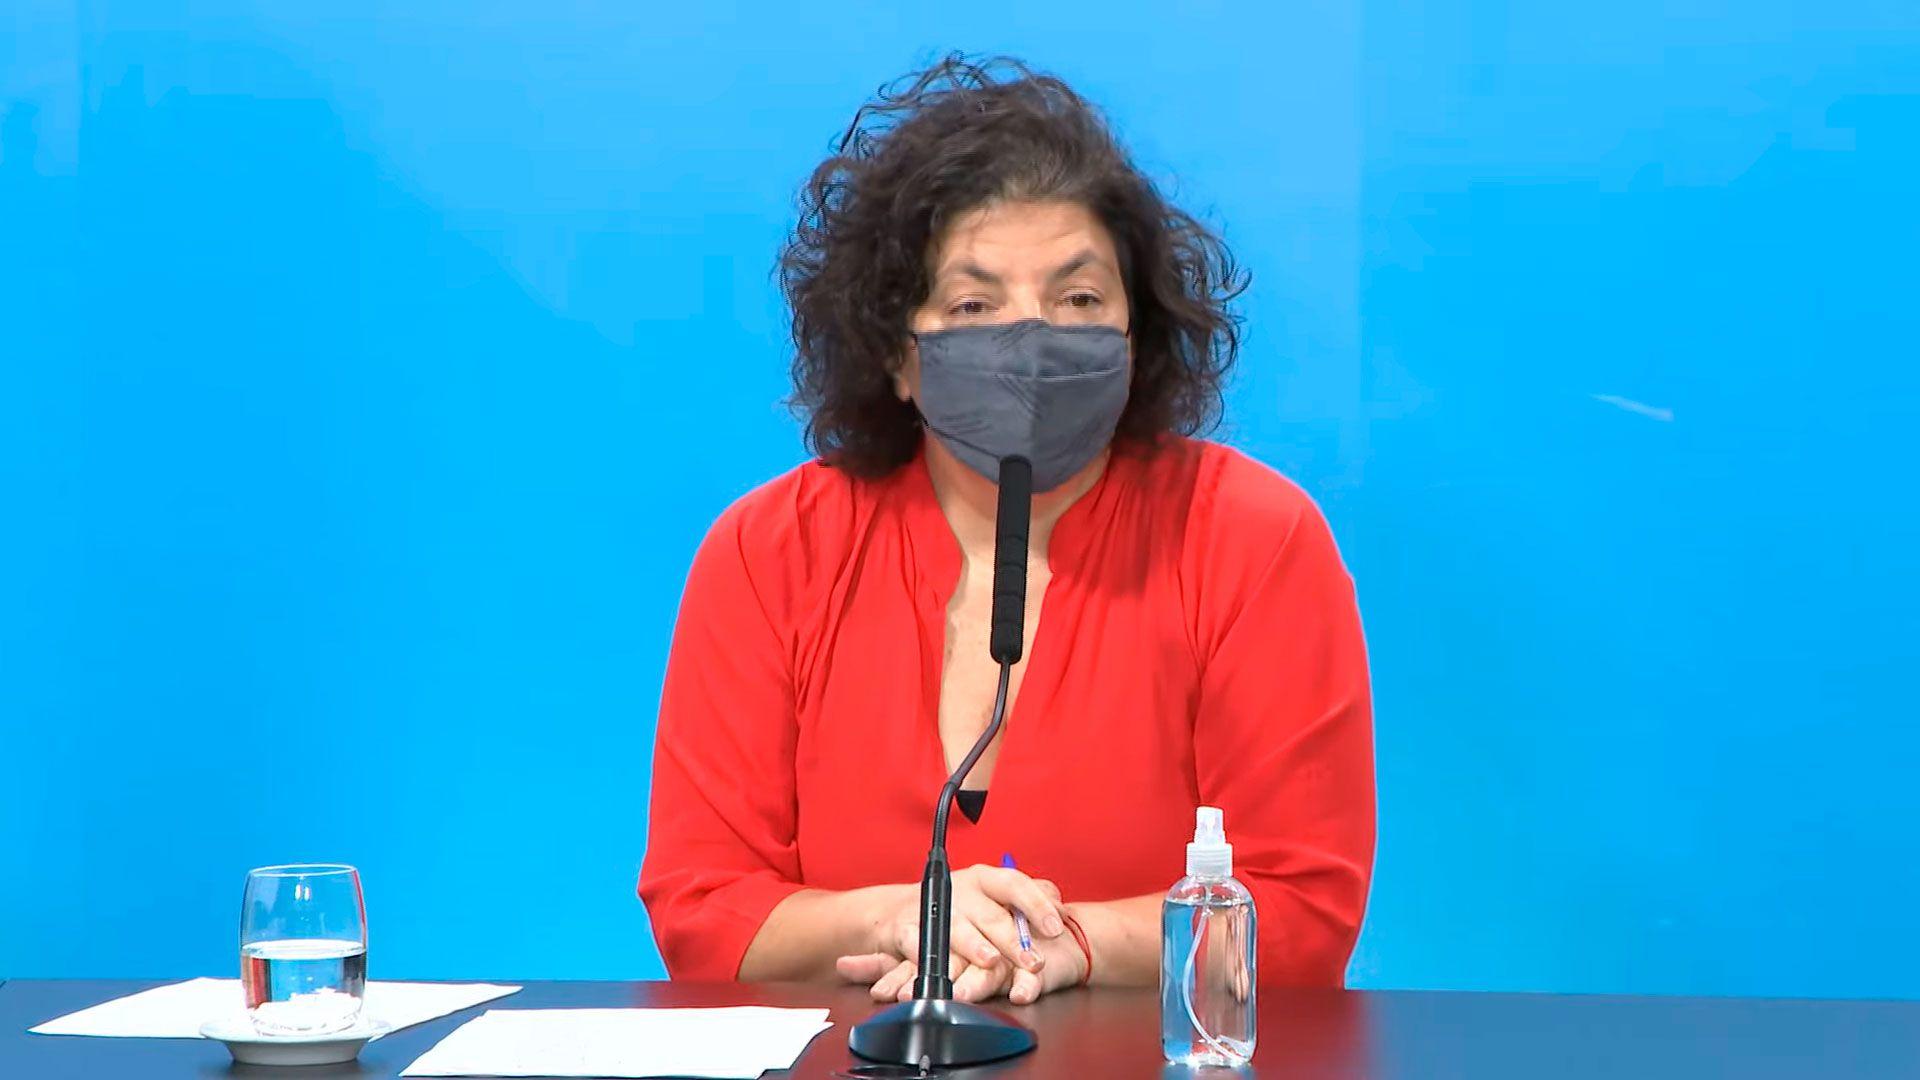 Coronavirus COVID 19 - Conferencia de prensa de la ministra de Salud, Carla Vizzotti